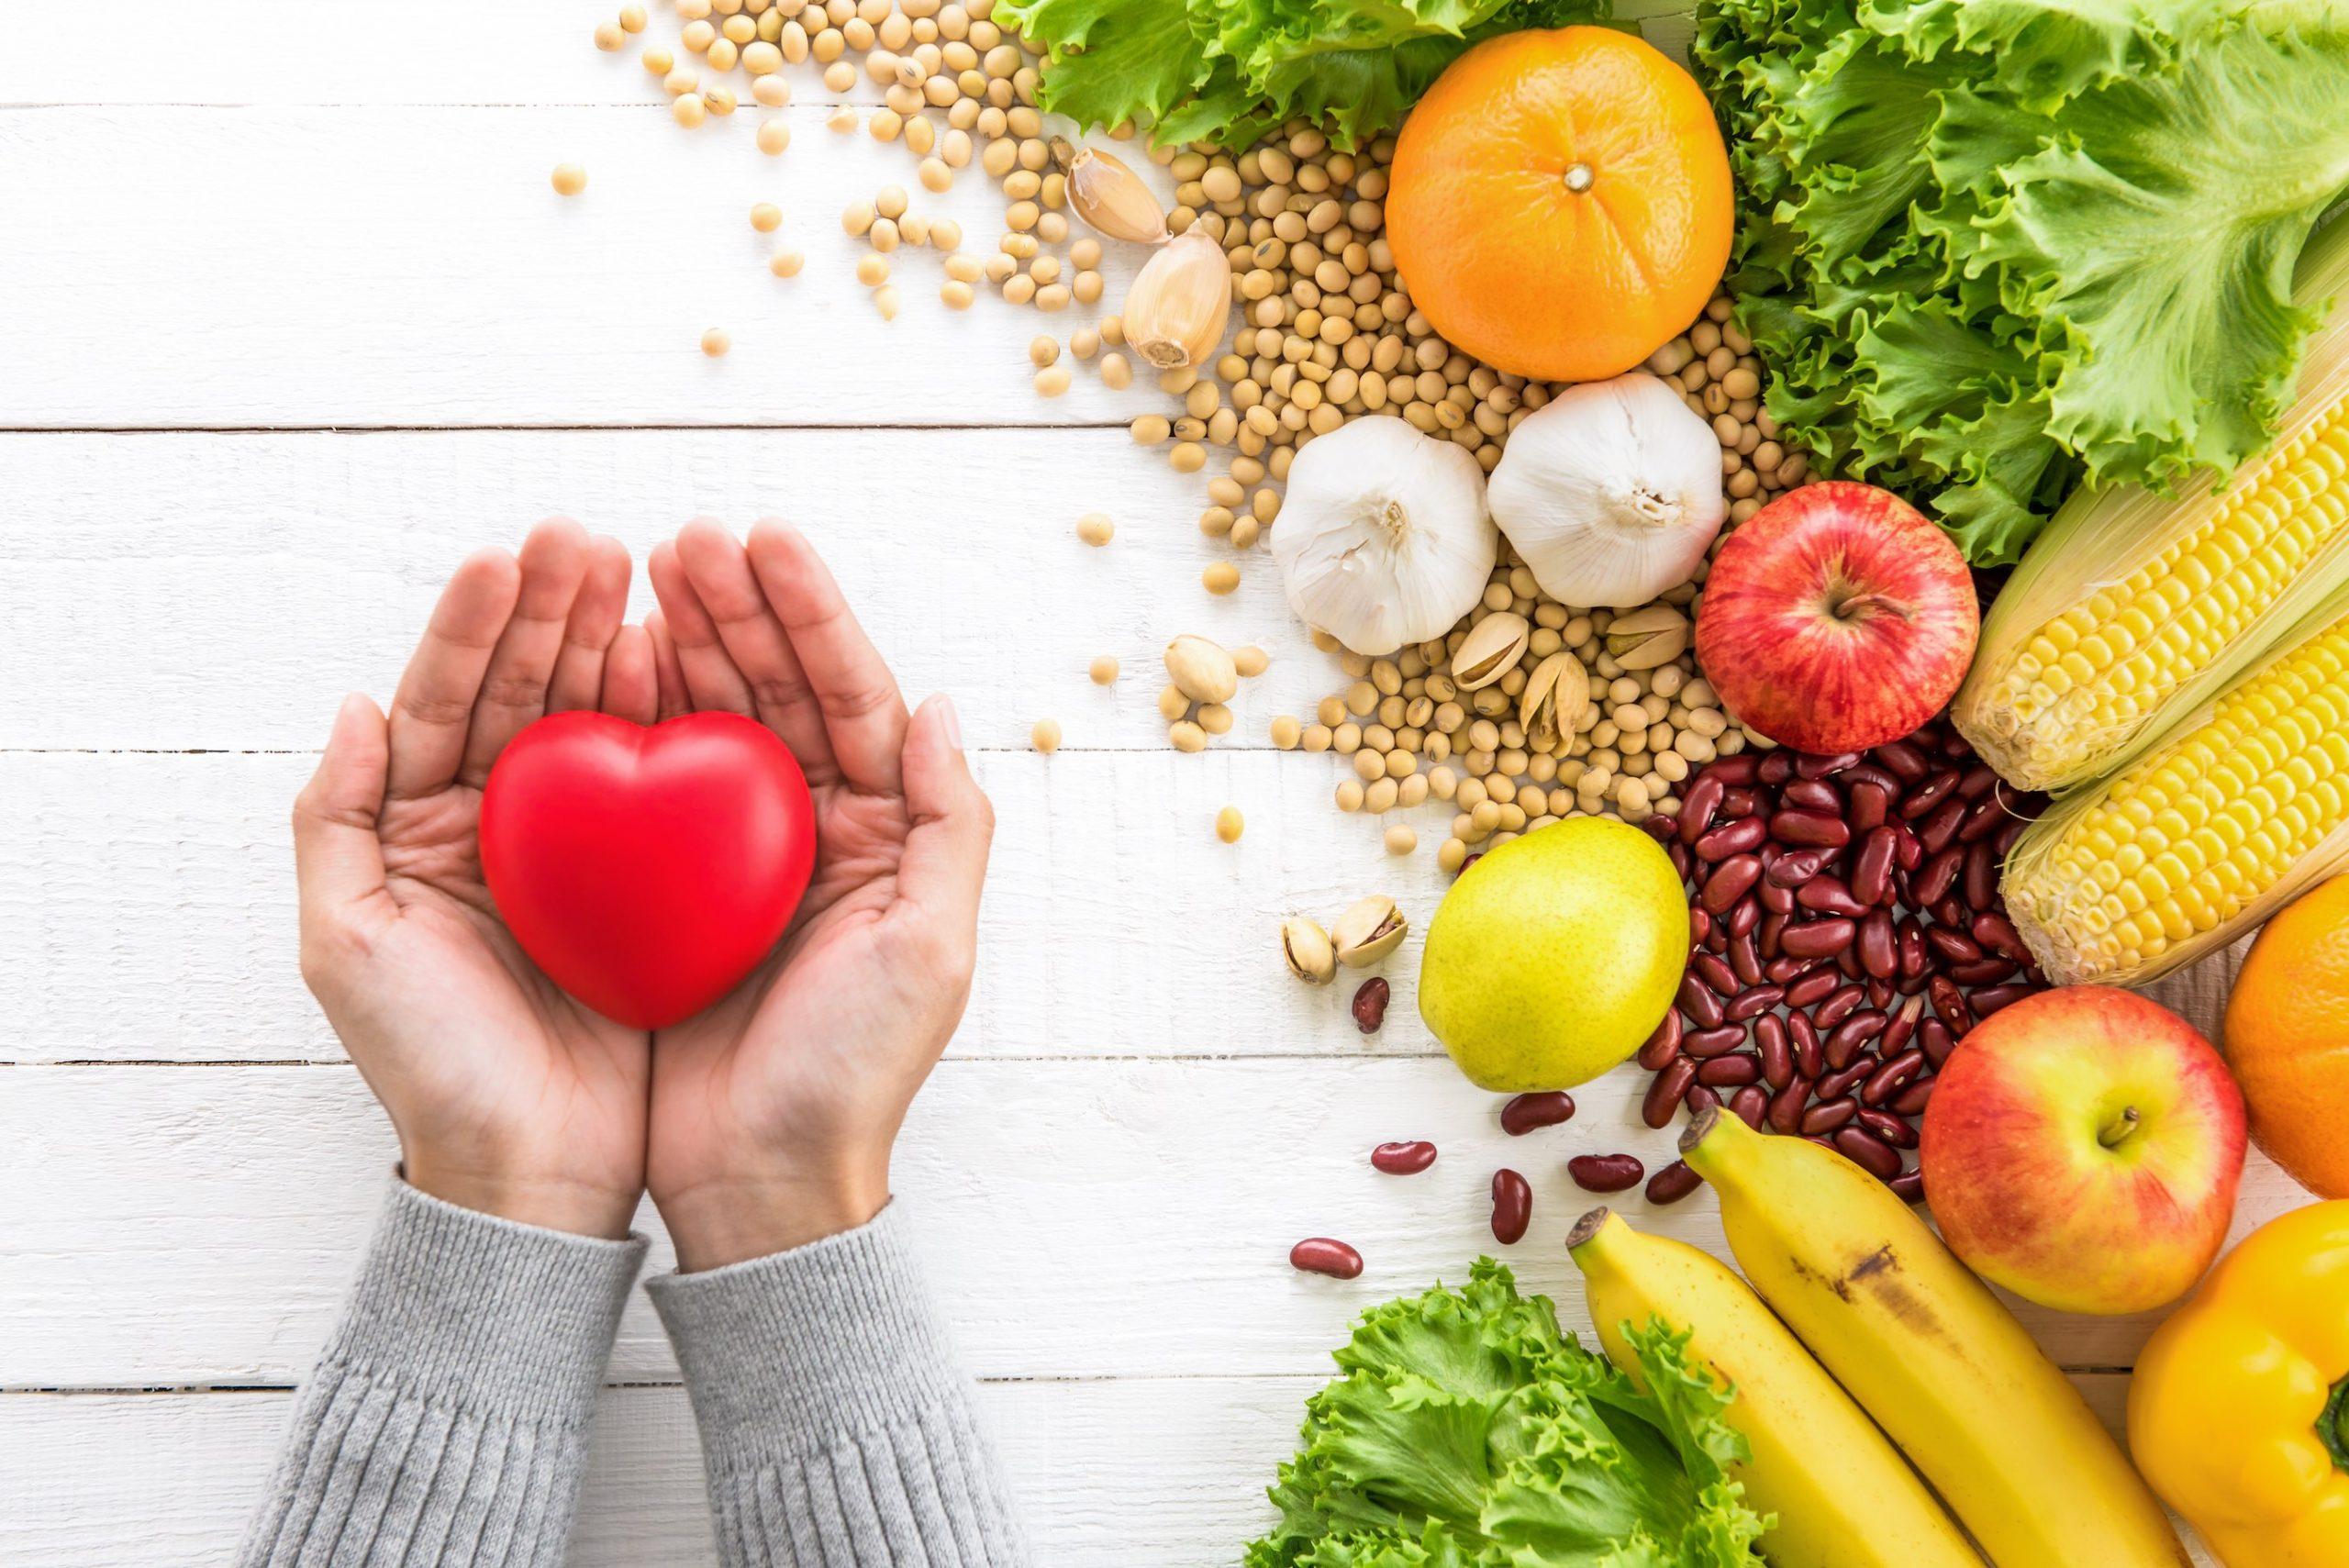 ما هي أعراض ارتفاع الولسترول في الدم